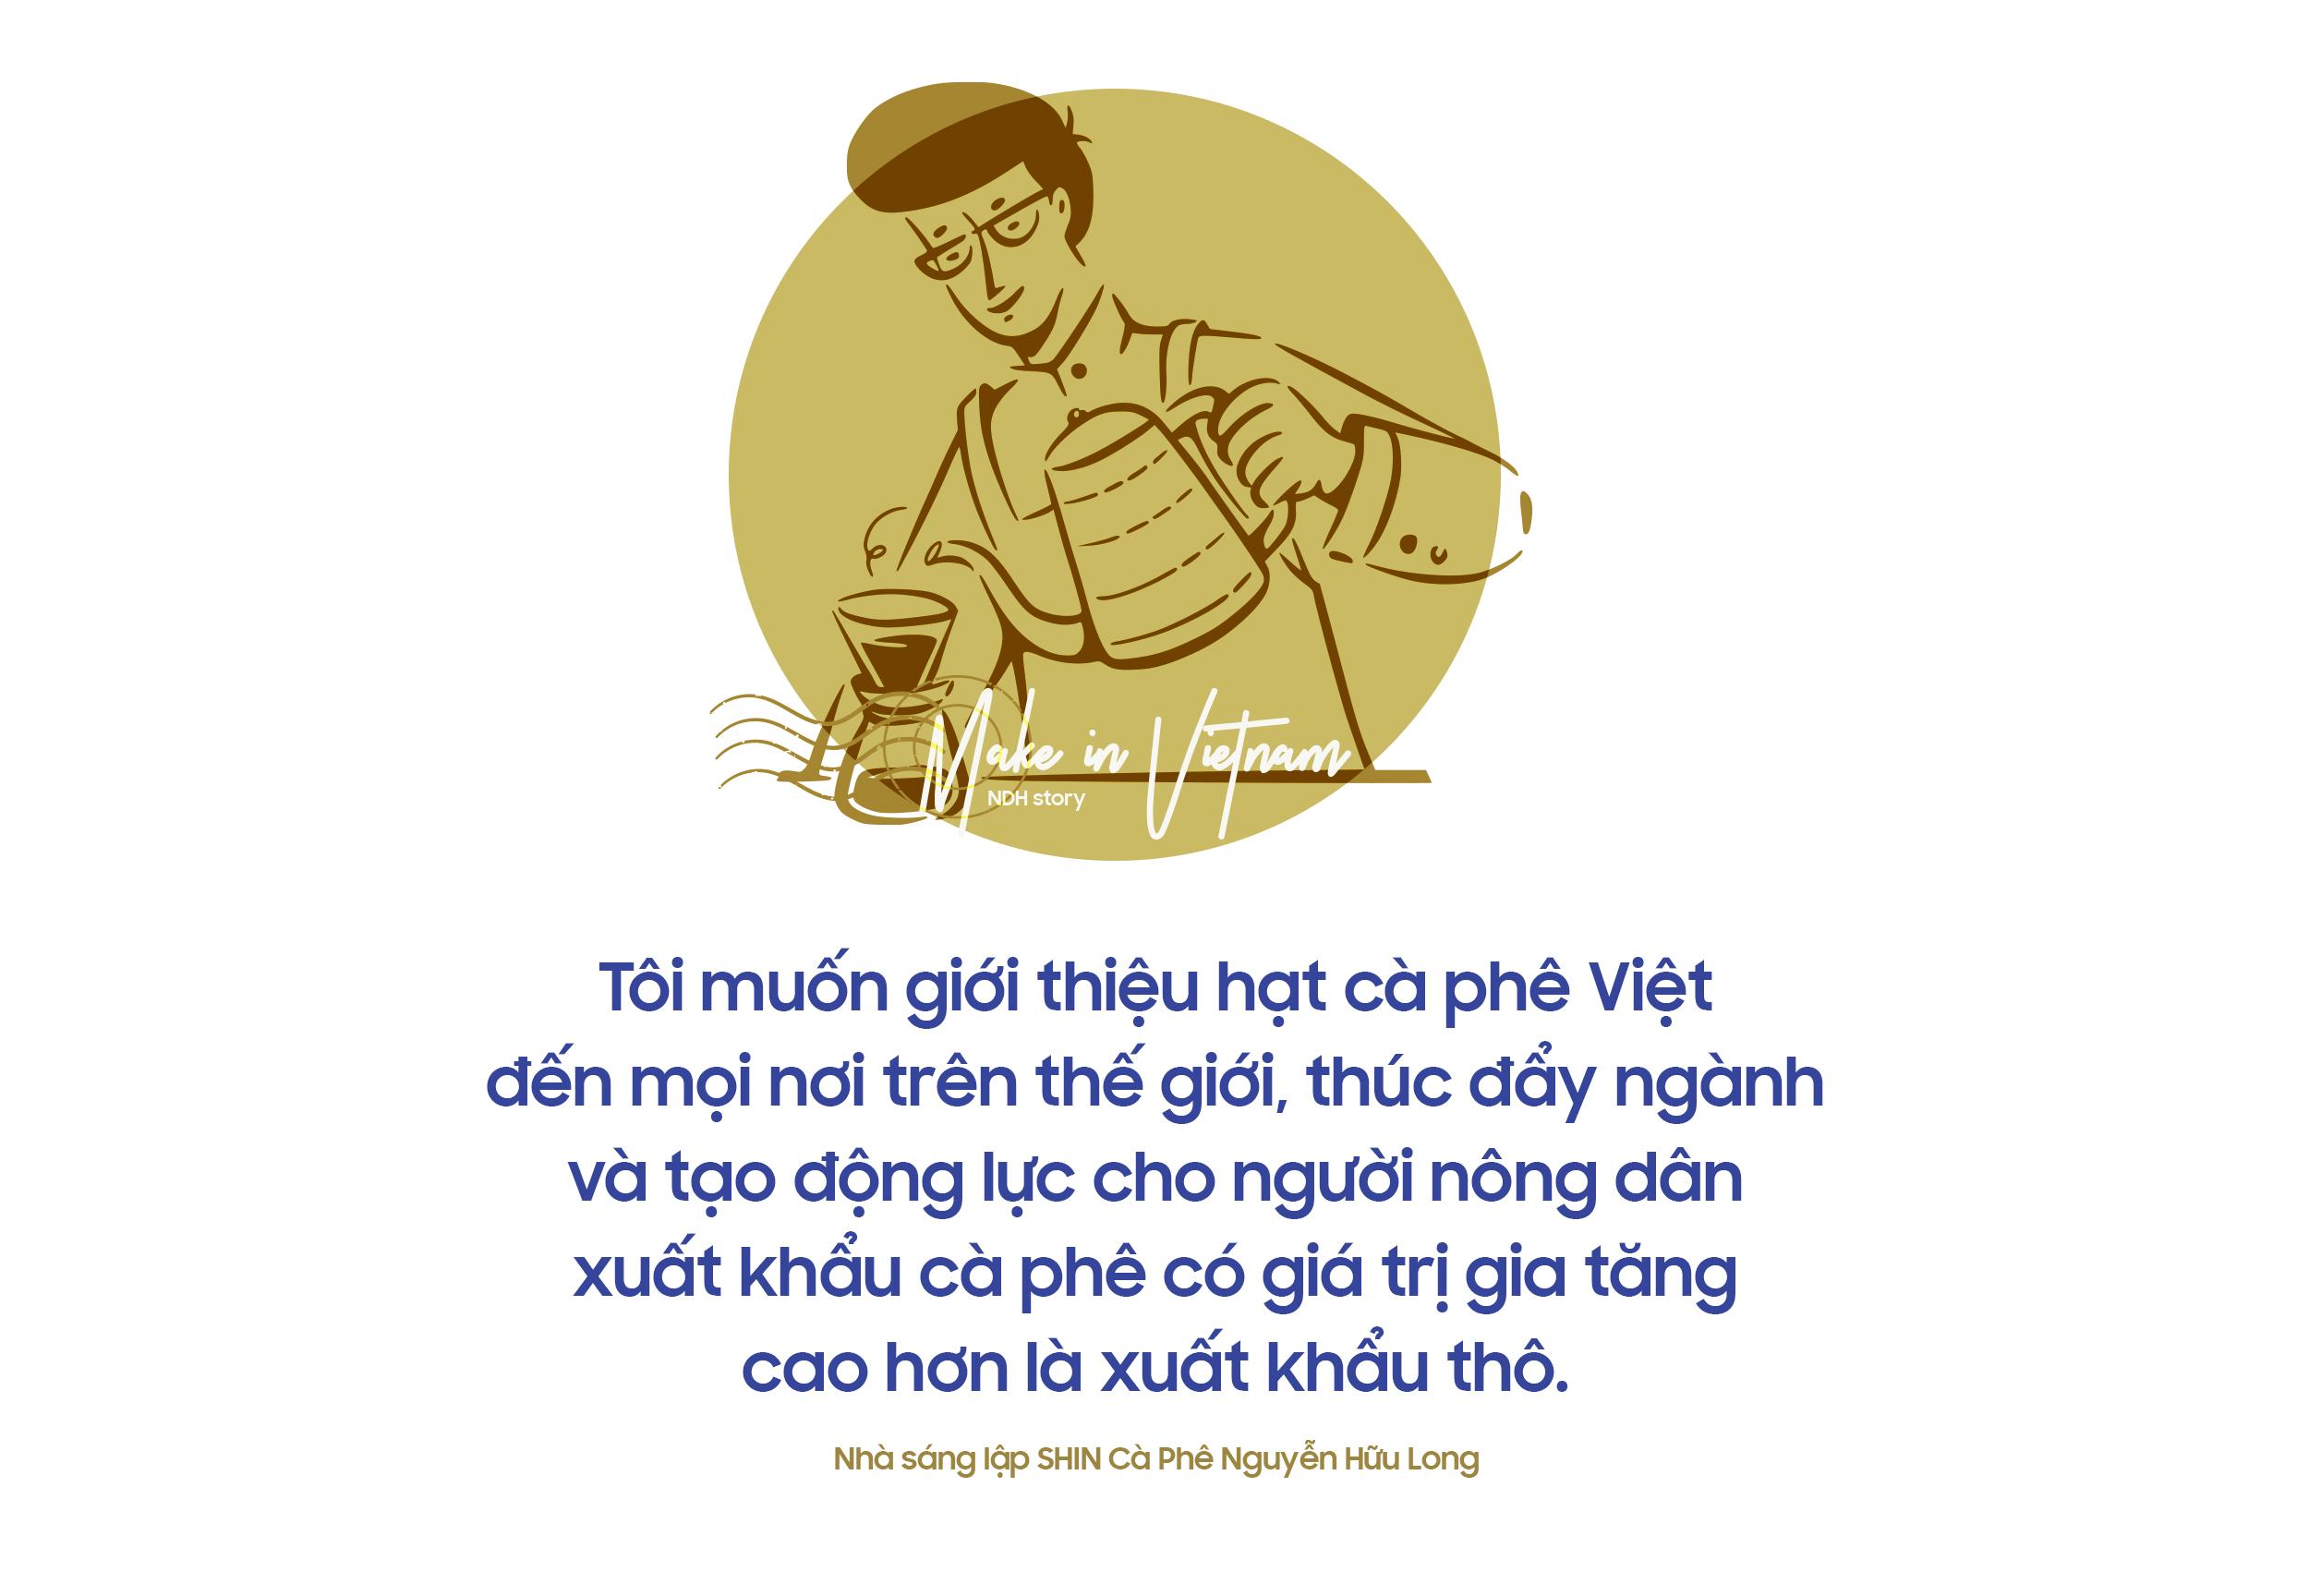 Nhà sáng lập SHIN Cà Phê Nguyễn Hữu Long: Hành trình nâng tầm cà phê thành sản vật quốc gia - Ảnh 10.